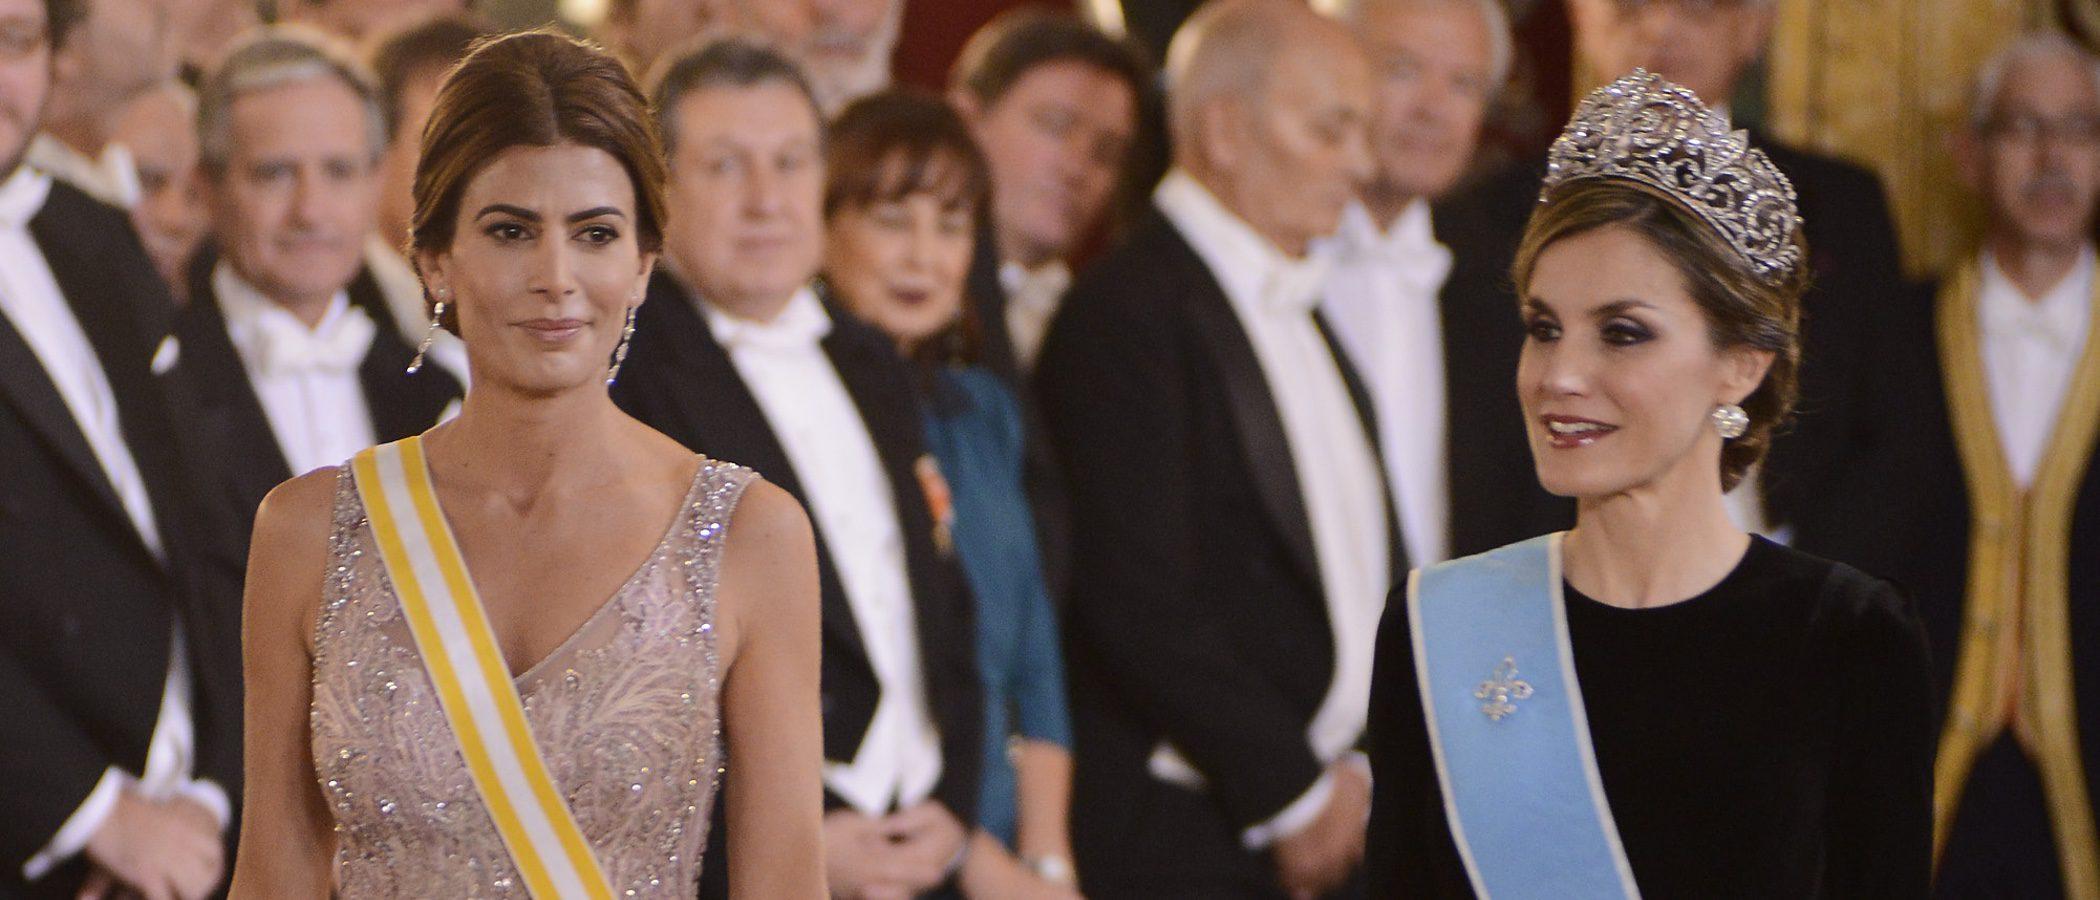 La Reina Letizia y Juliana Awada: dos estilos opuestos en la cena de gala del Palacio Real